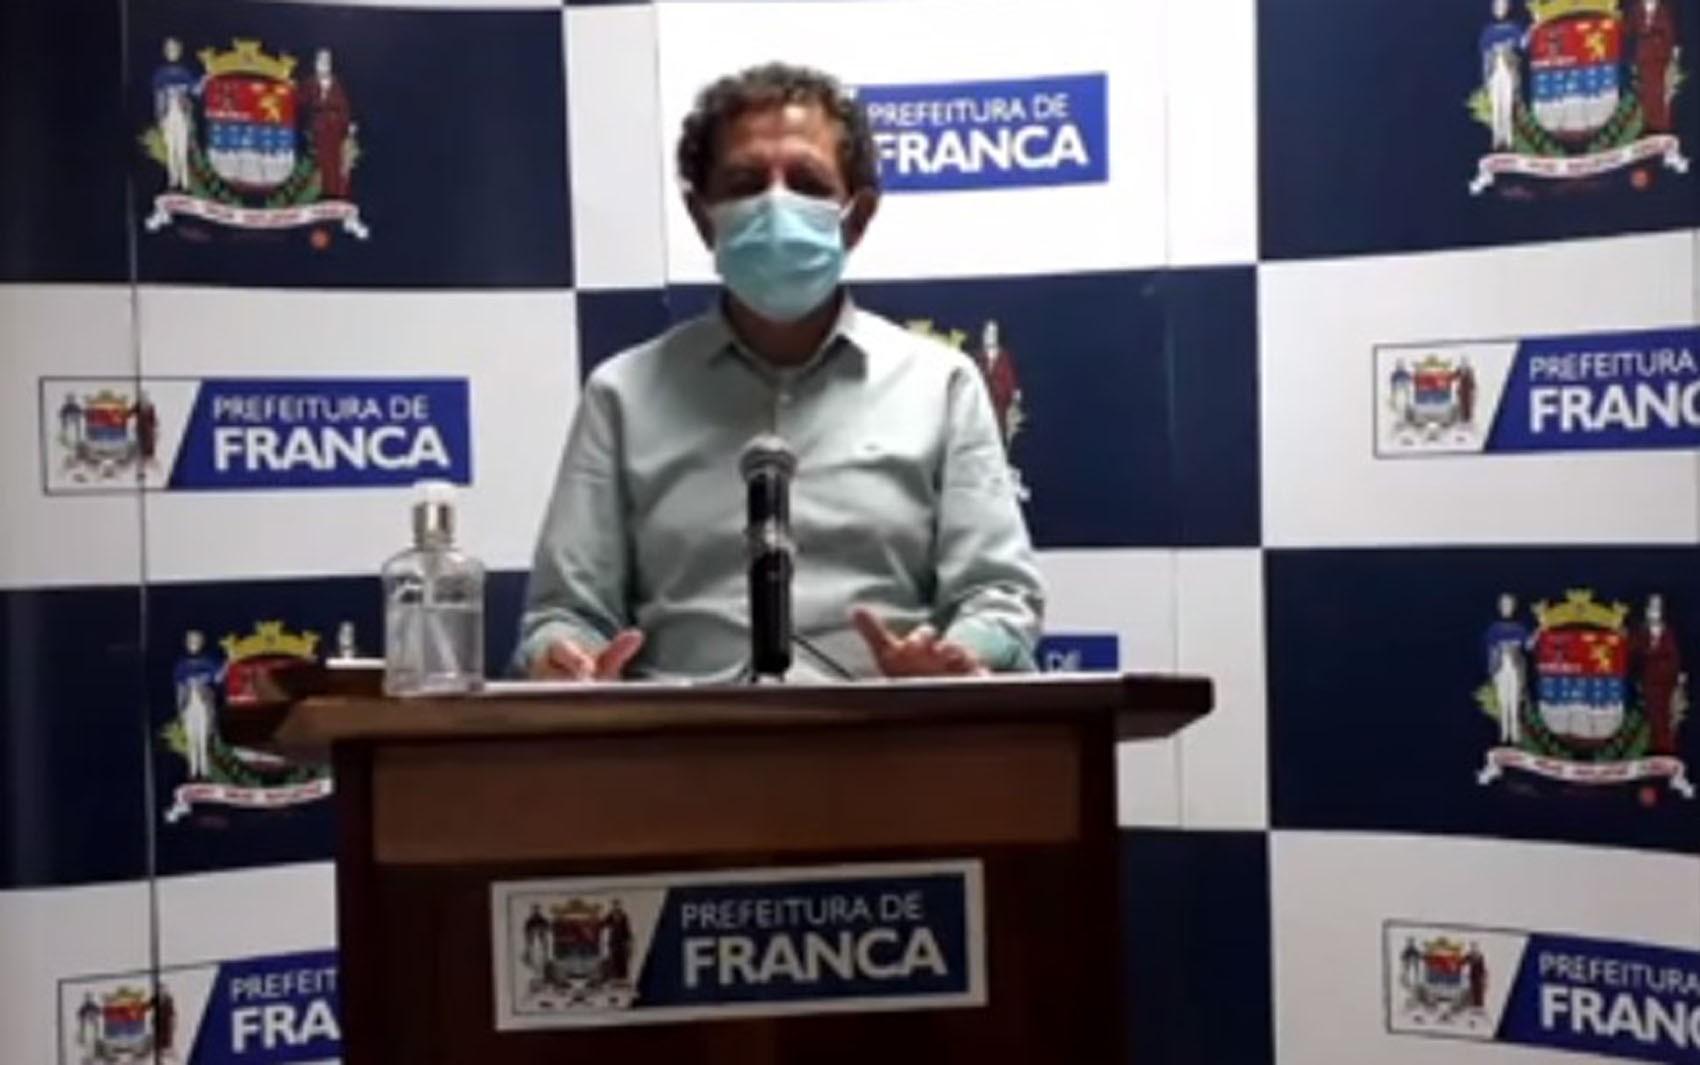 Prefeito de Franca, SP, anuncia ampliação de nove leitos de UTI para enfrentamento da Covid-19